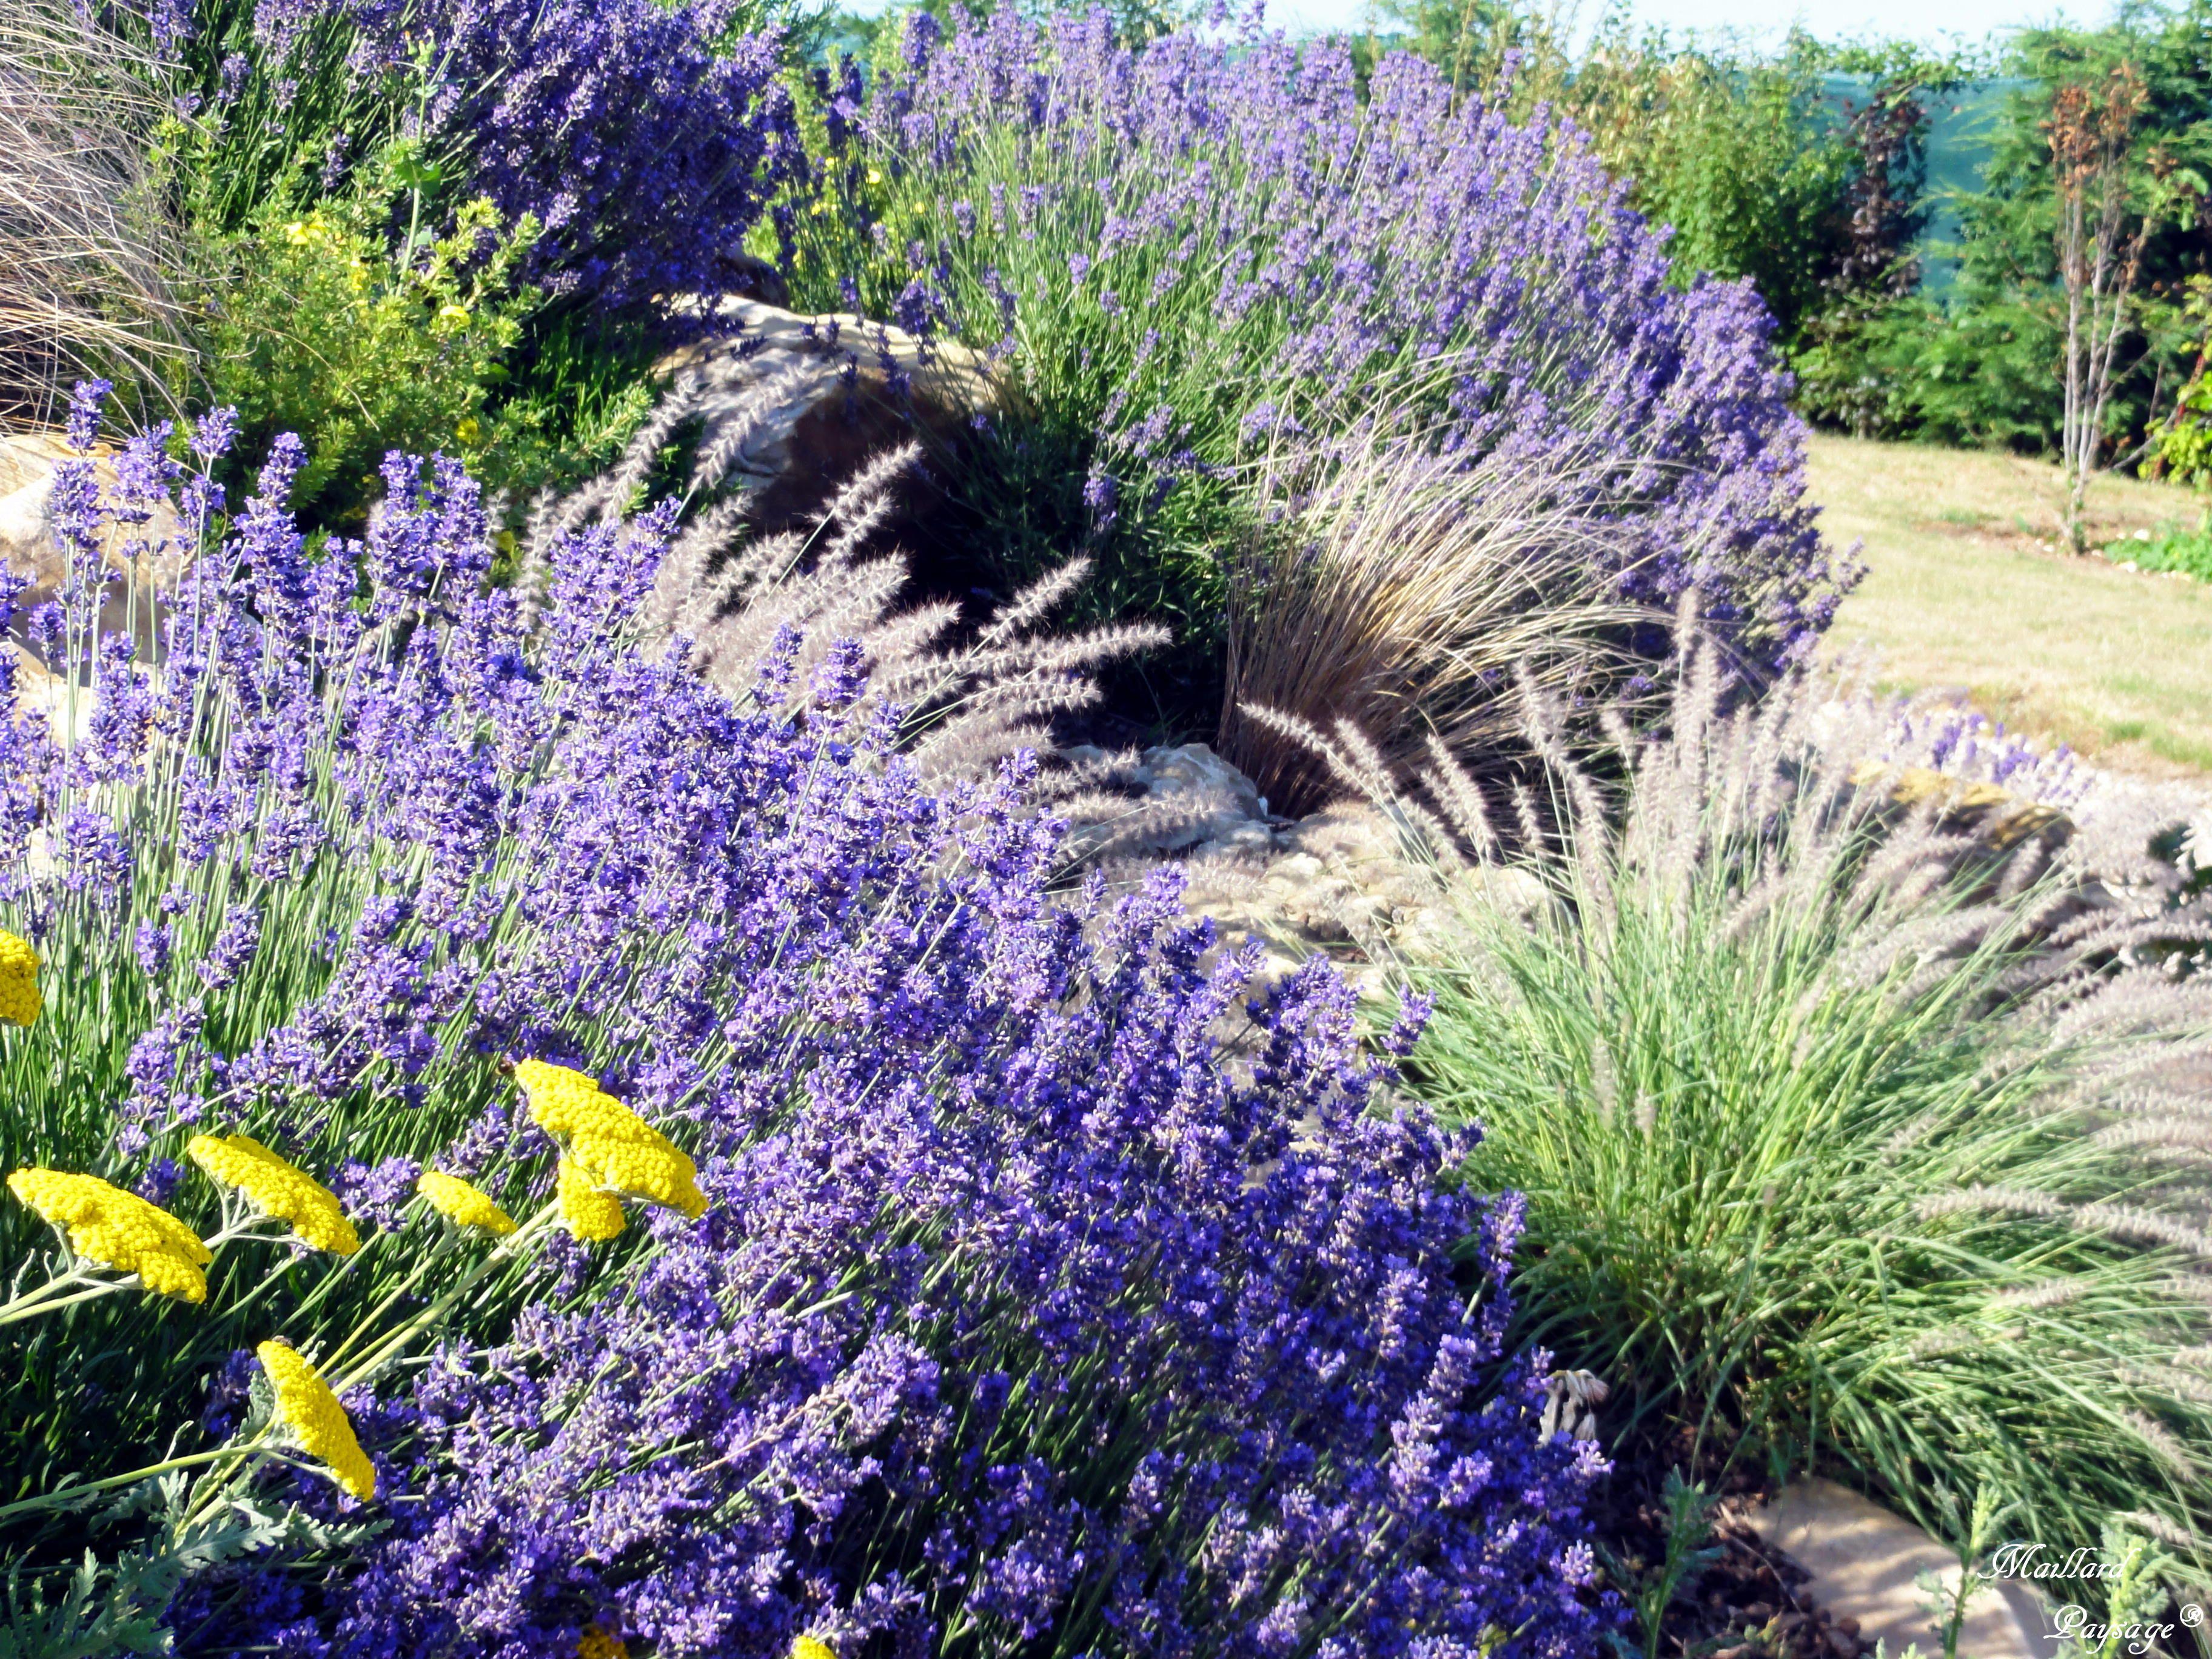 pennisetum karley rose et lavande jardin d 39 exposition maillard paysage 60 massifs pinterest. Black Bedroom Furniture Sets. Home Design Ideas